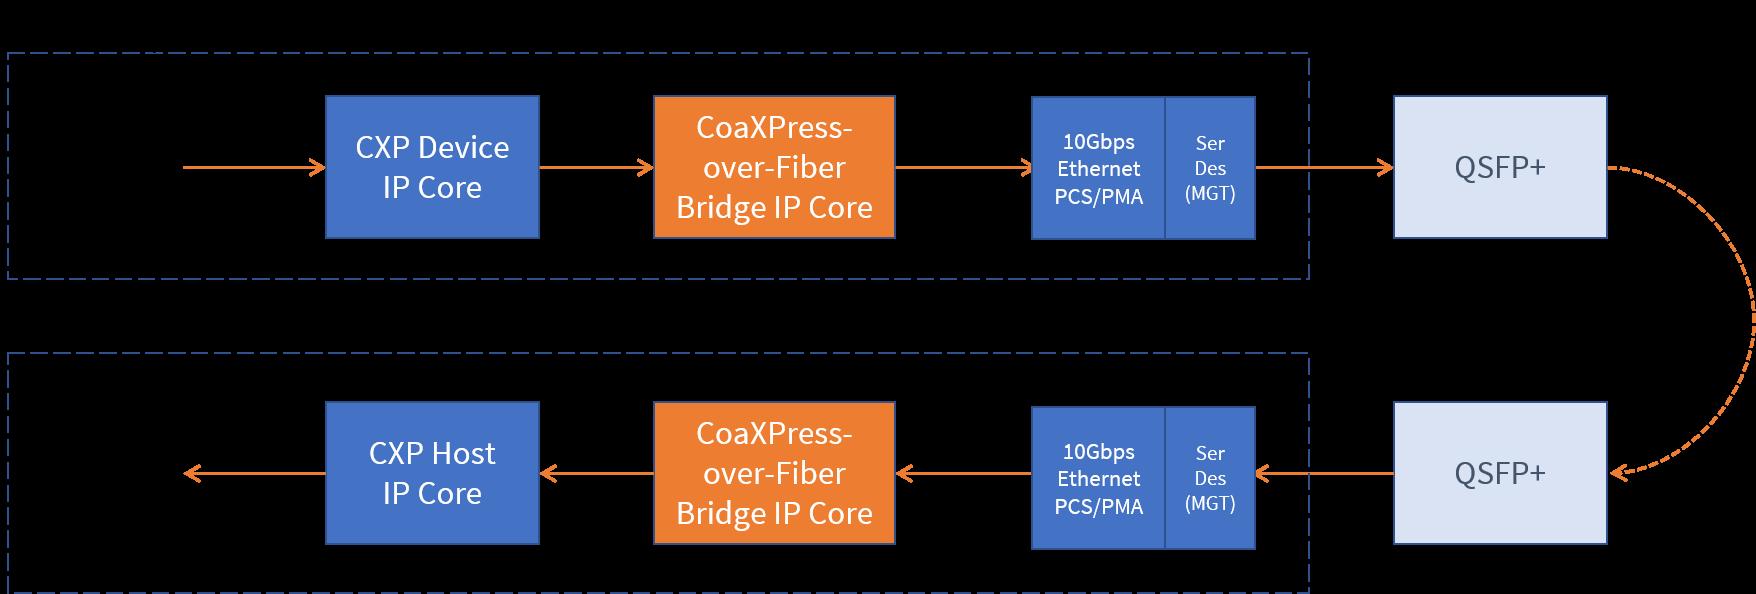 Beschreibung des CoaXPress-over-Fiber Bridge-IP-Core